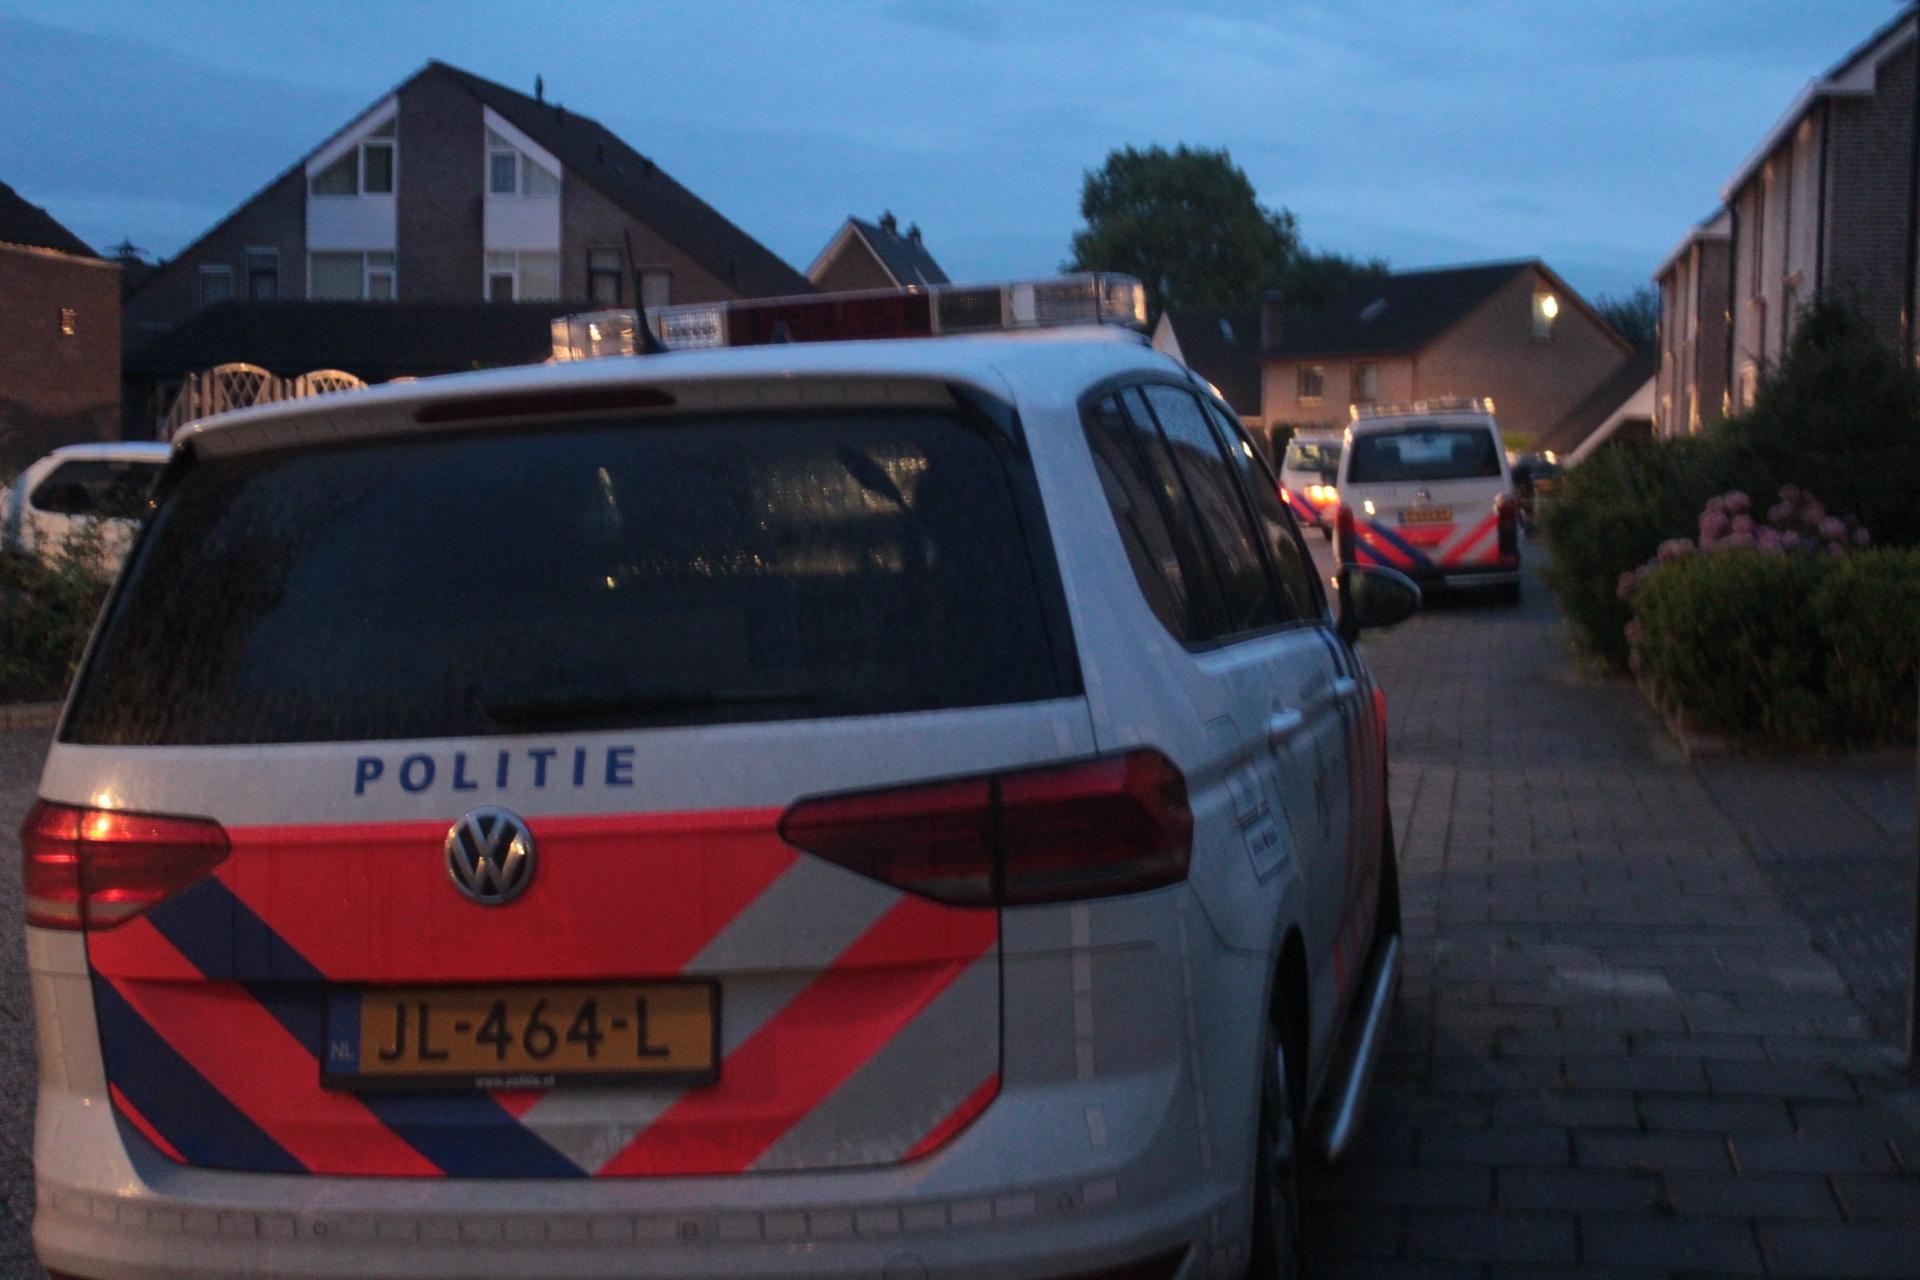 Politie achtervolging eindigt in een Crash